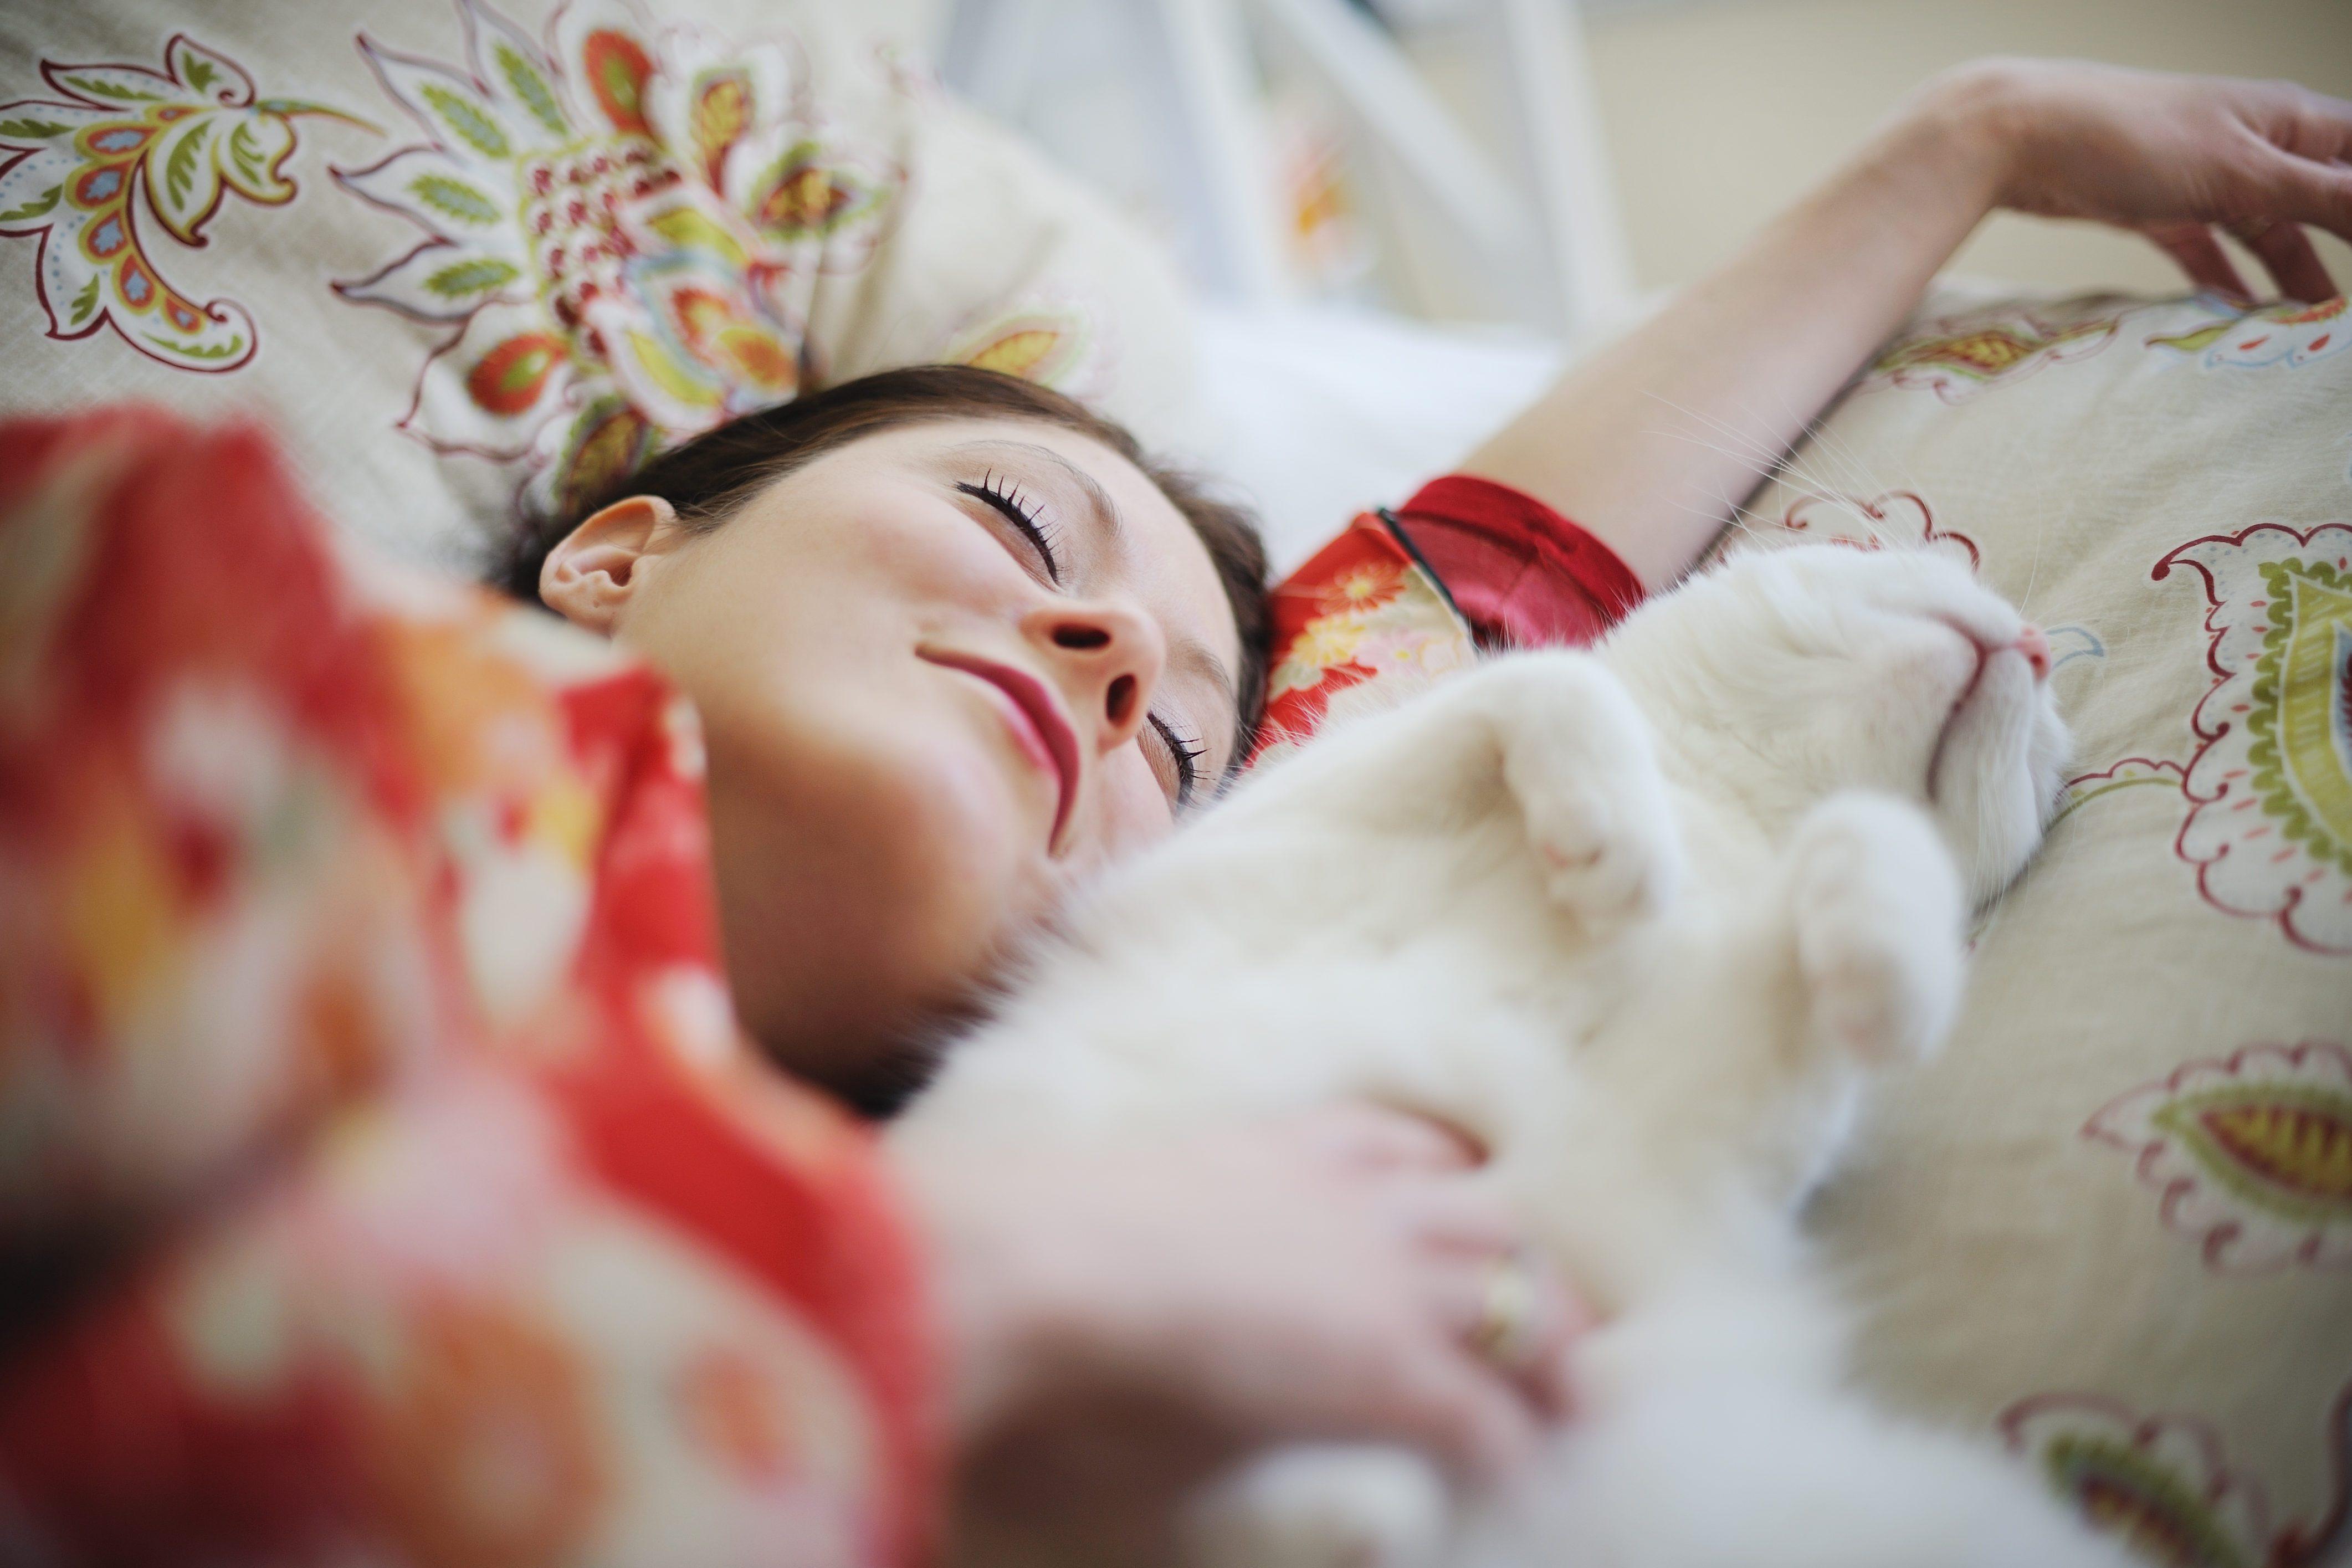 Sleeping woman in kimono with cat